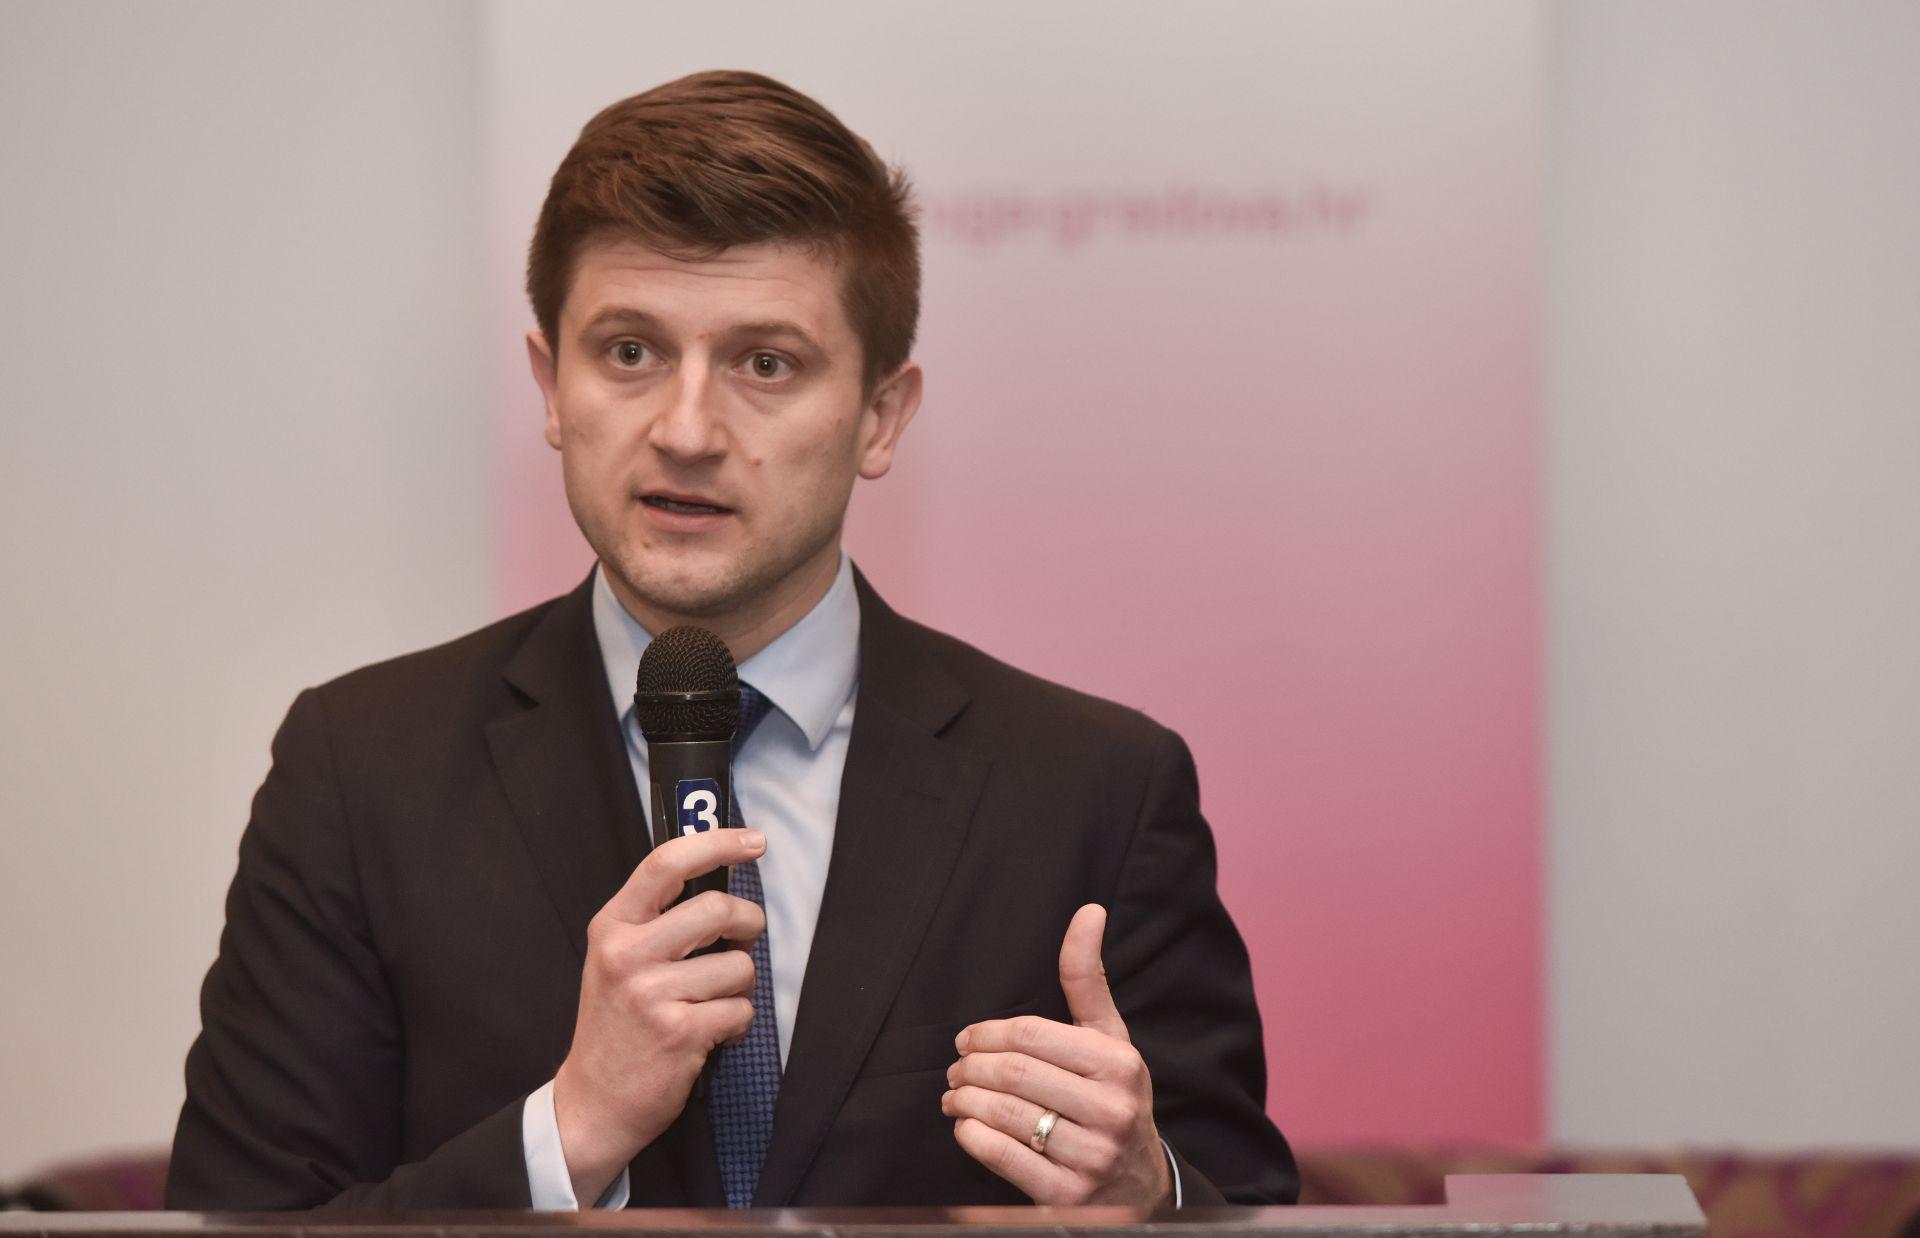 AGROKOR Marić: 'Financijska izvješća nisu bila u mojoj odgovornosti'